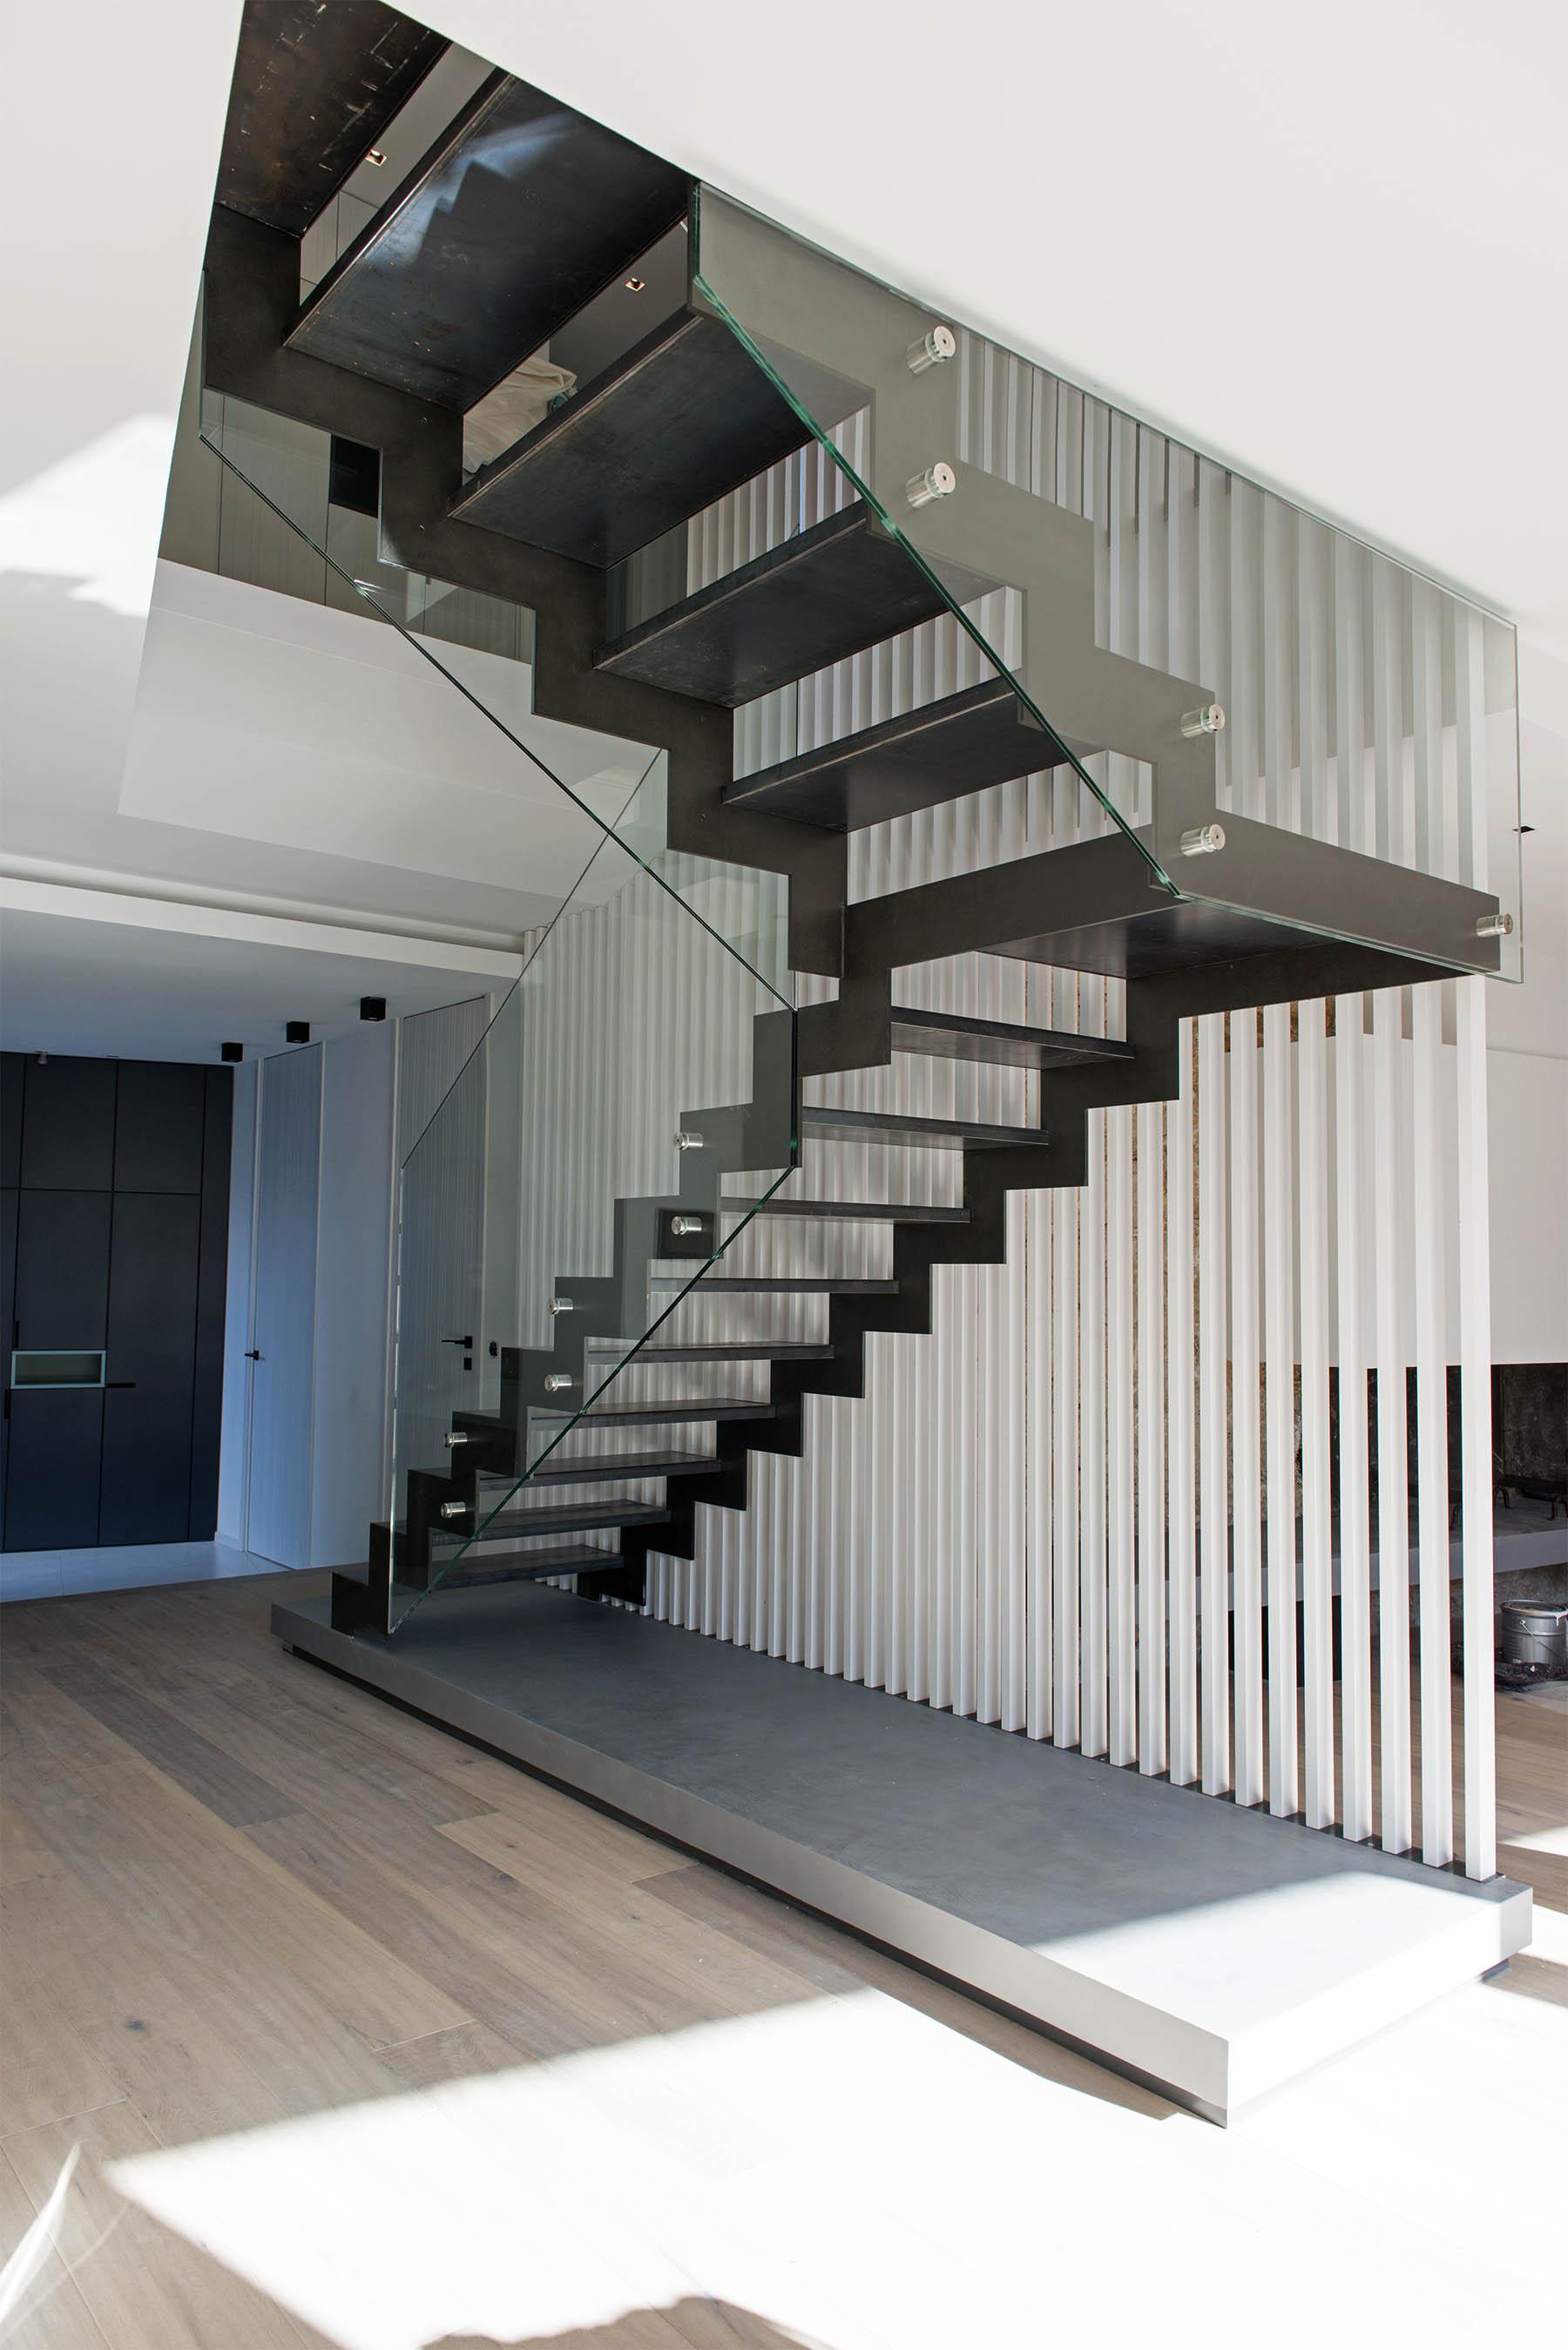 maison de ville cw cote bleue fr togu architecture. Black Bedroom Furniture Sets. Home Design Ideas